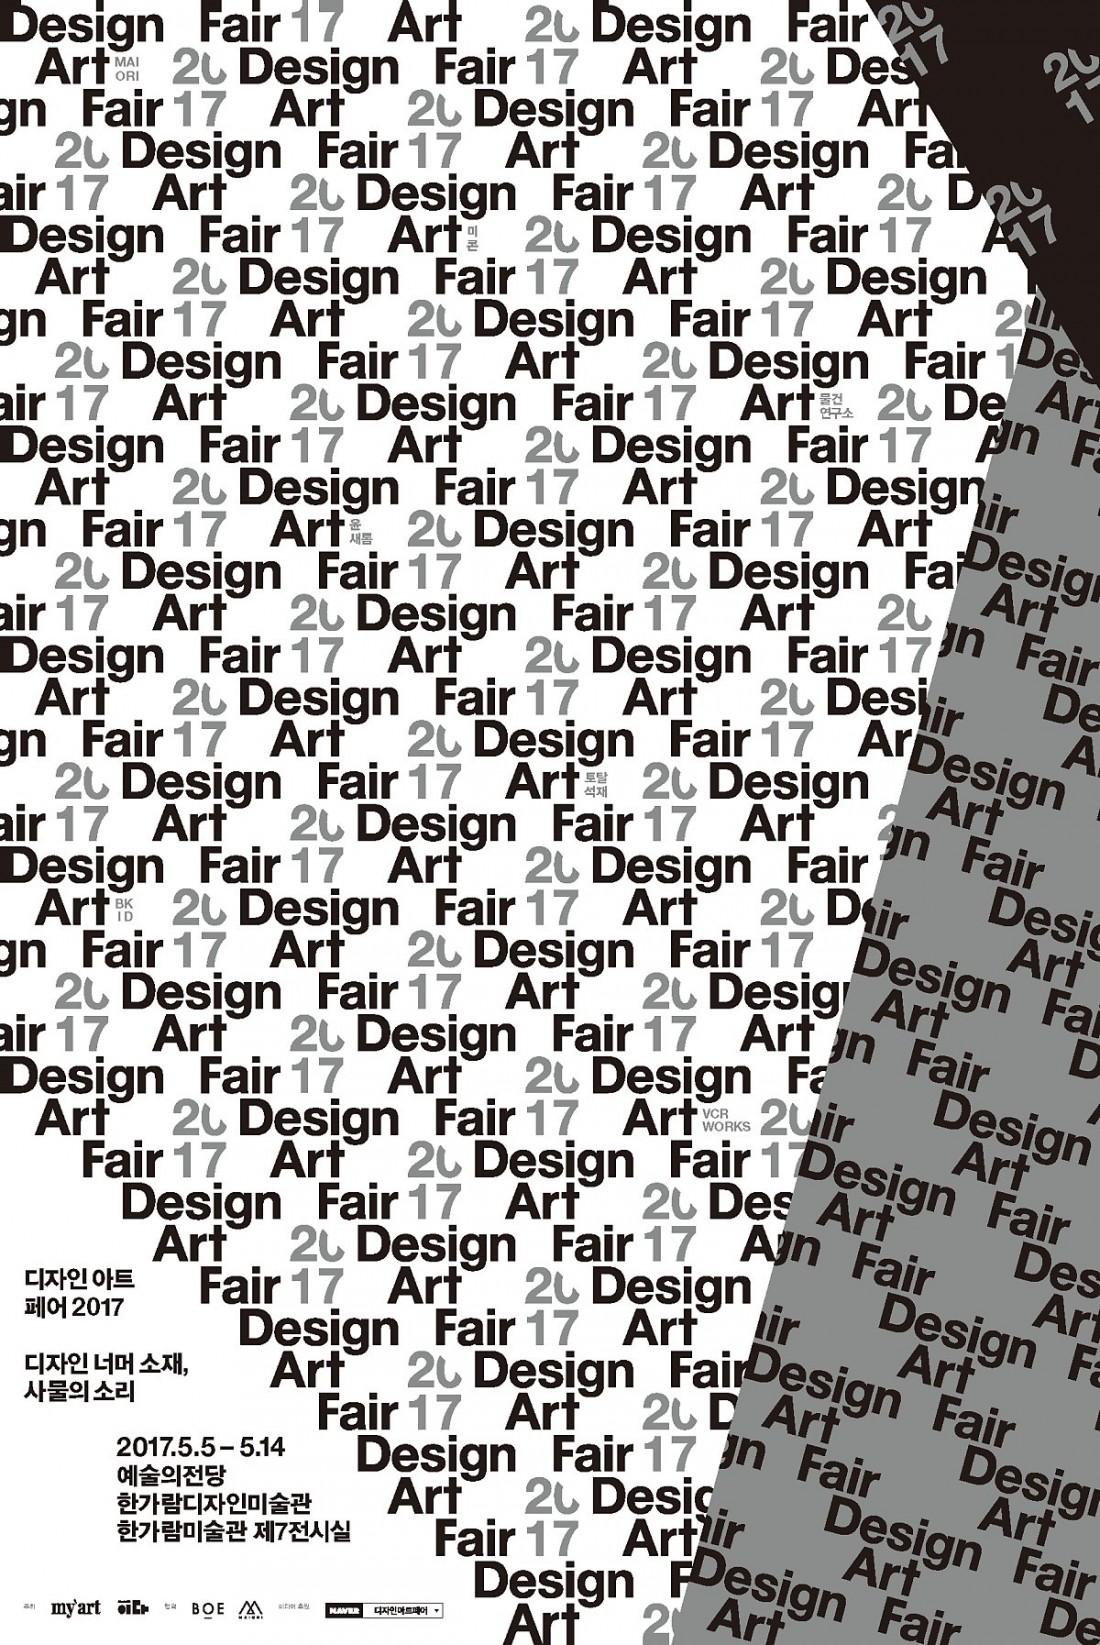 디자인아트페어201_poster(배포용)